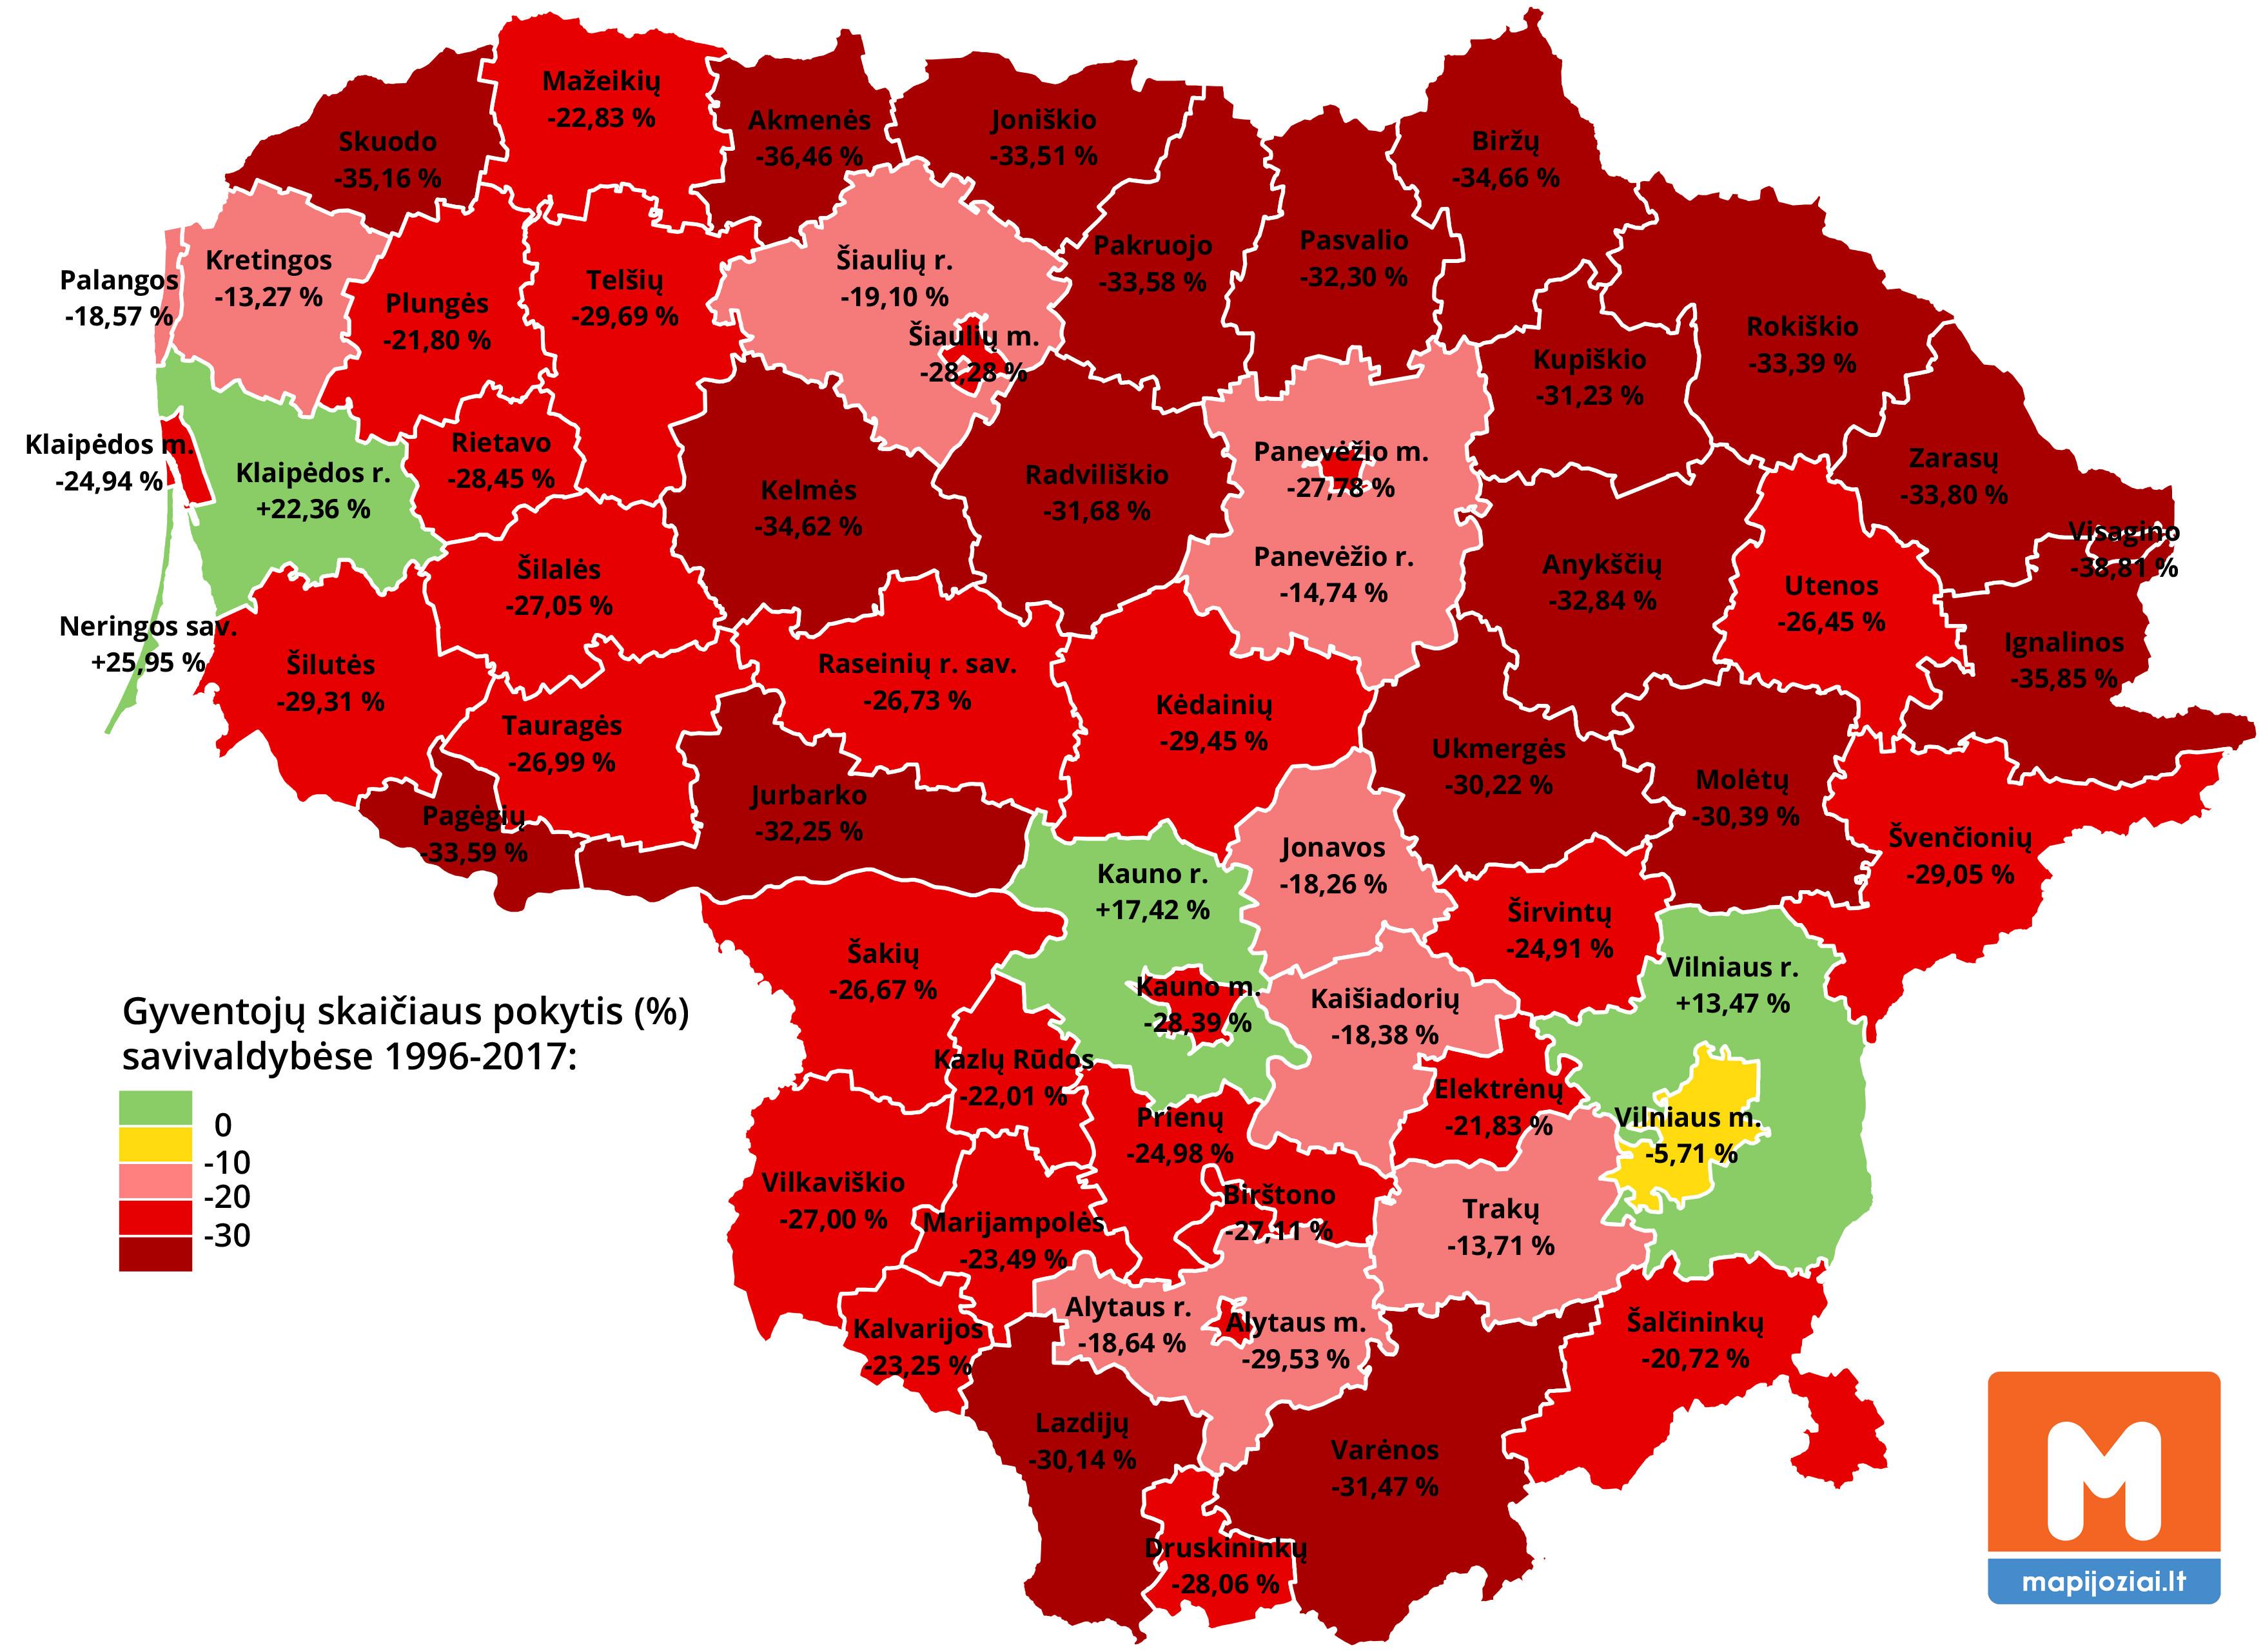 Lietuvos savivaldybės: gyventojų skaičius 1996-2017 m.